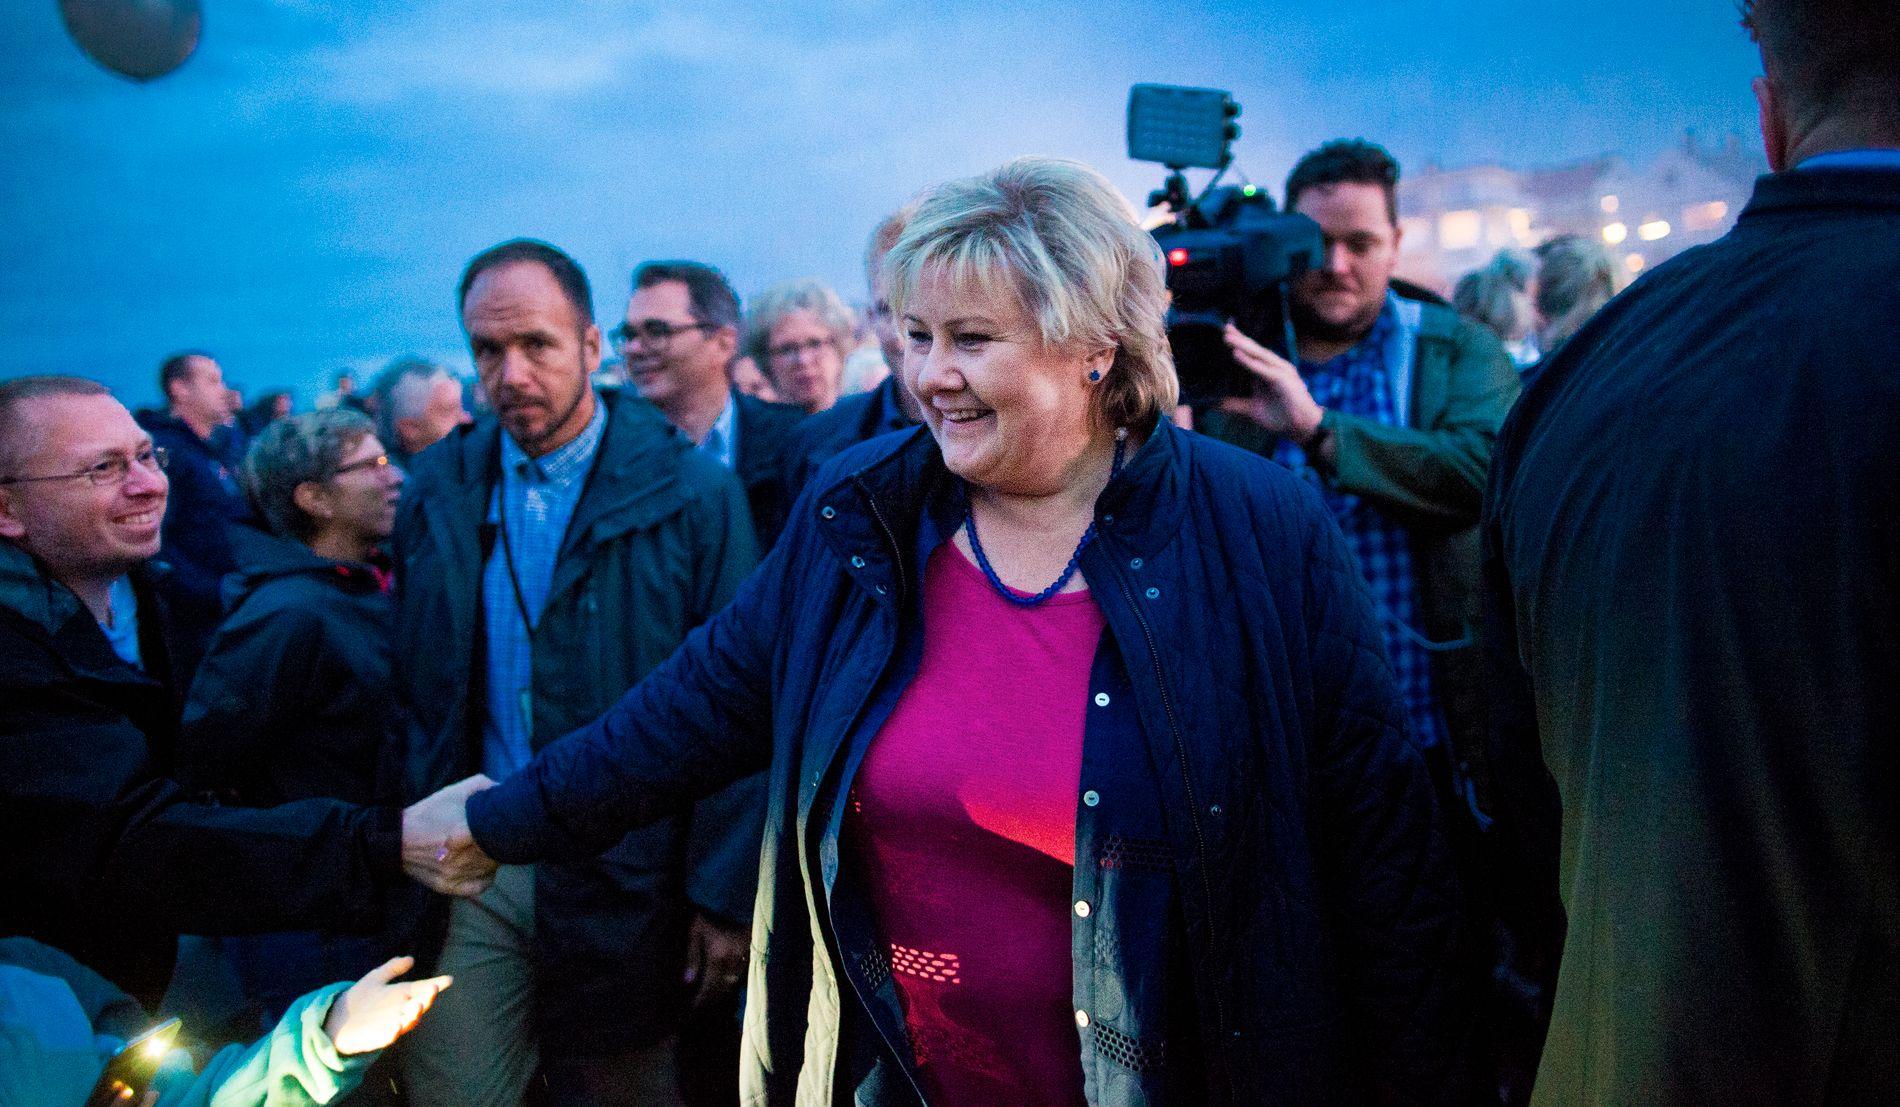 GLEDE I VEST: Statsminister Erna Solberg (H) åpnet Hydros pilotanlegg på Koparvik torsdag kveld, som skal bidra til at fabrikken får verdens mest rene produksjon av aluminium. Åpningen skjedde i forbindelse med en åpningskonsert med flere tusen mennesker.